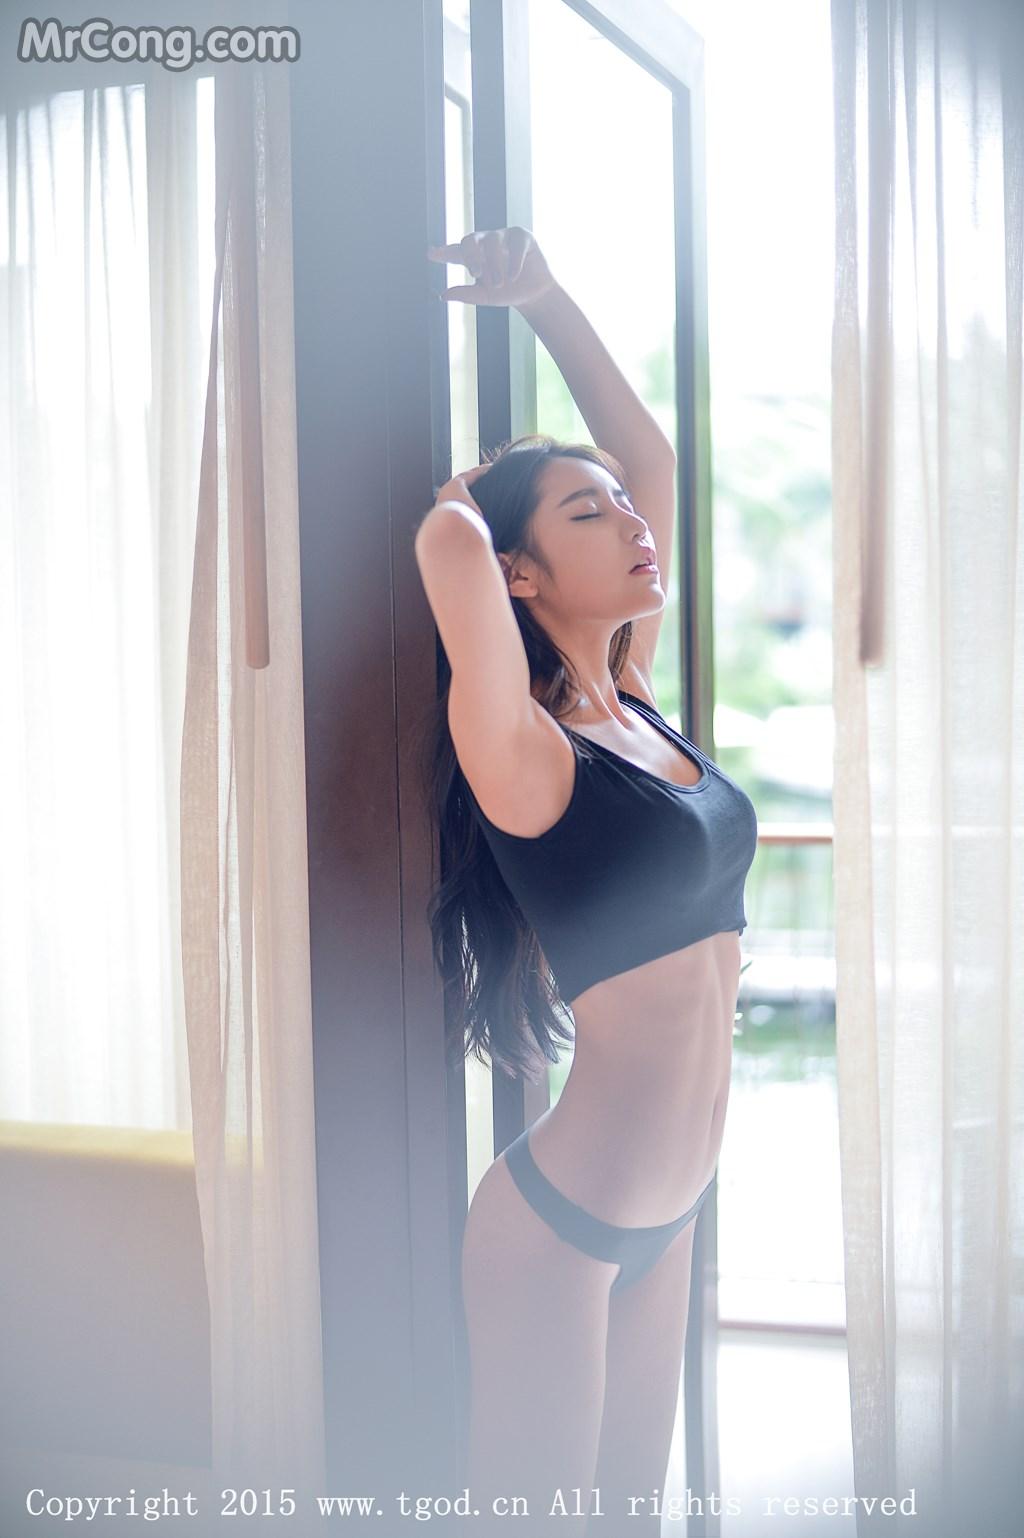 TGOD 2015-11-28: Model Xu Yan Xin (徐妍馨 Mandy) (42 photos)